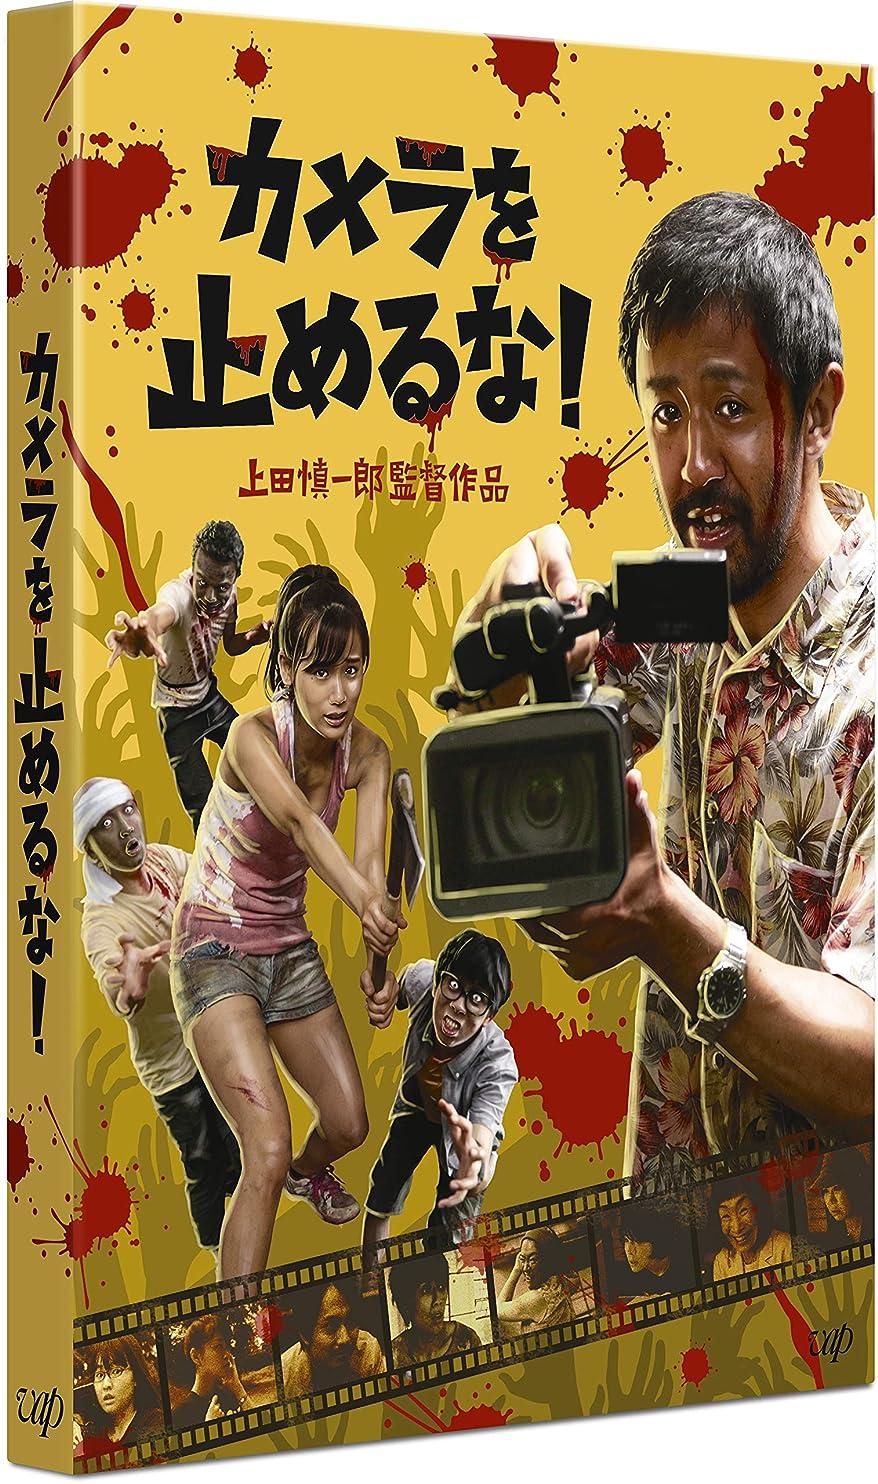 くびれた大脳タフ【Amazon.co.jp限定】カメラを止めるな!  [Blu-ray]+お米とおっぱい [DVD] セット(「ONE CUT OF THE DEAD 現地リハーサル通しver.」DVD & 3巻入るスリーブケース付)